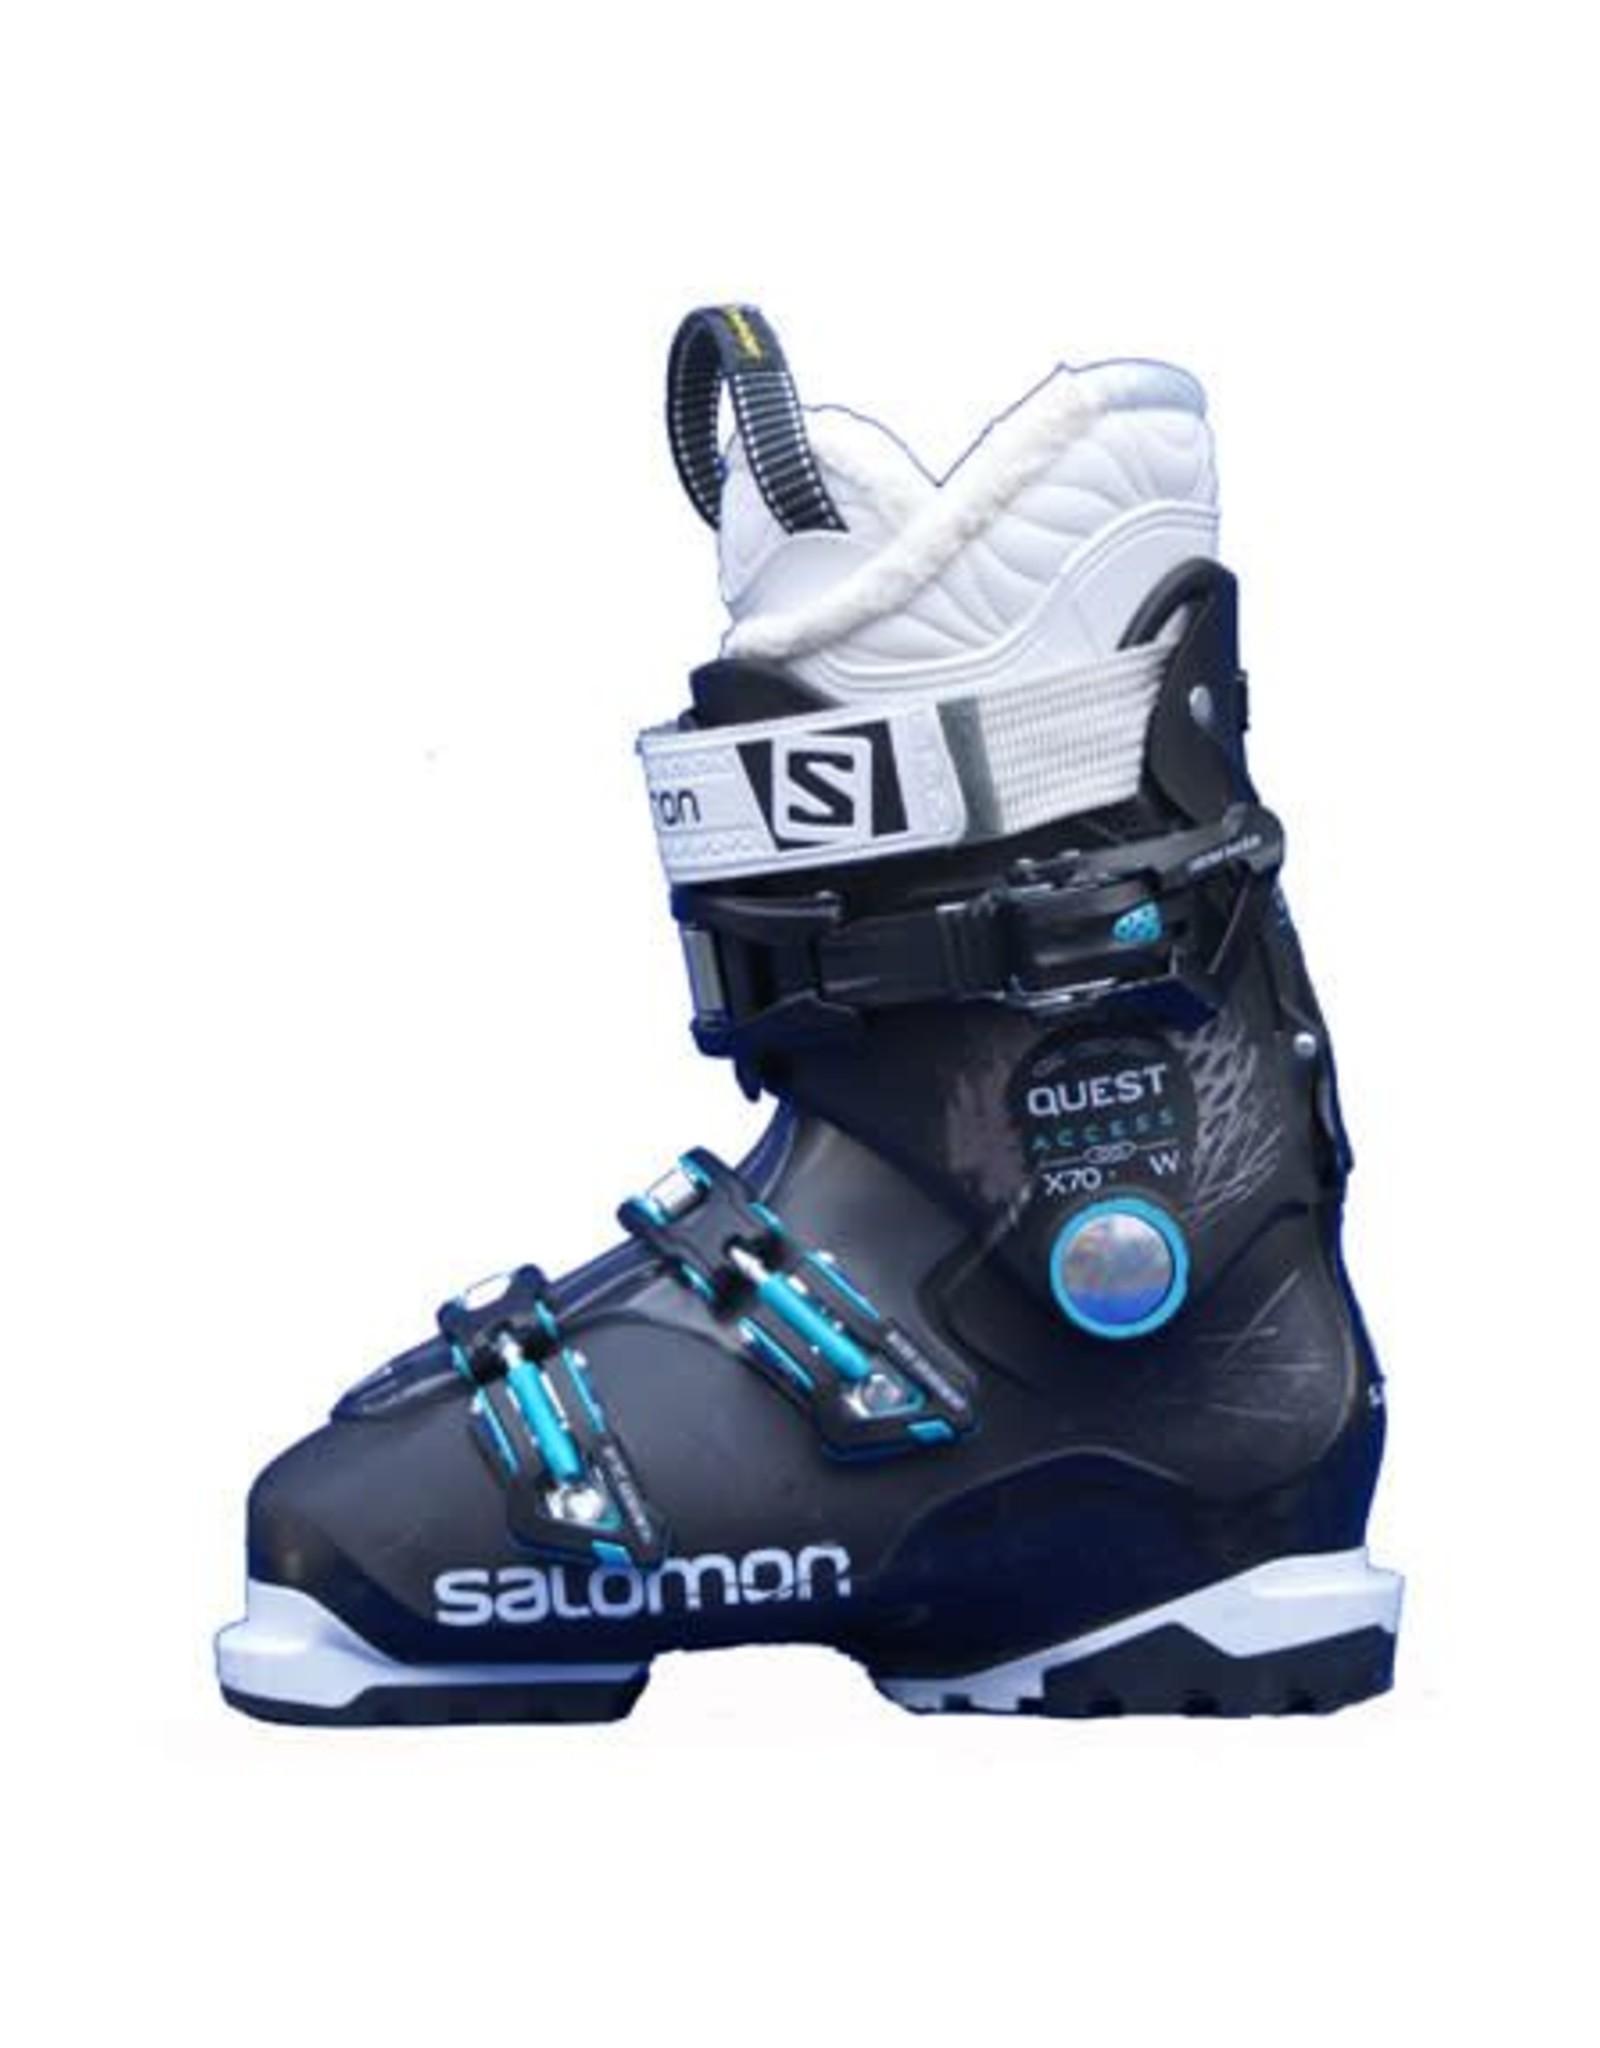 SALOMON Skischoenen SALOMON Quest Access X70-W Gebruikt Maat 38